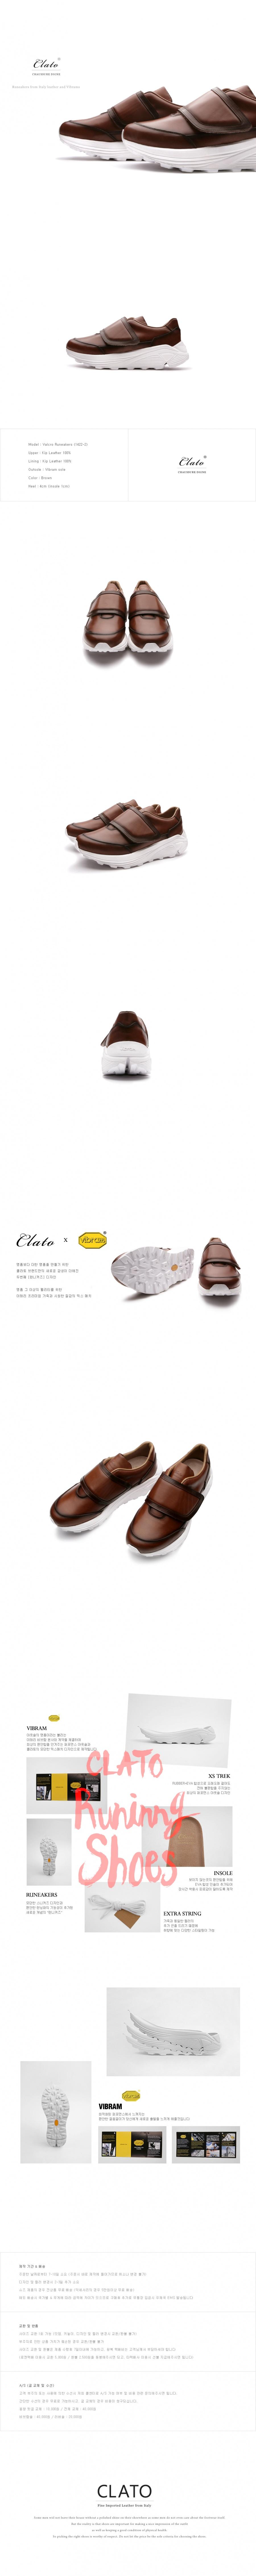 클라토(CLATO) Velcro Runeakers (1422-2)